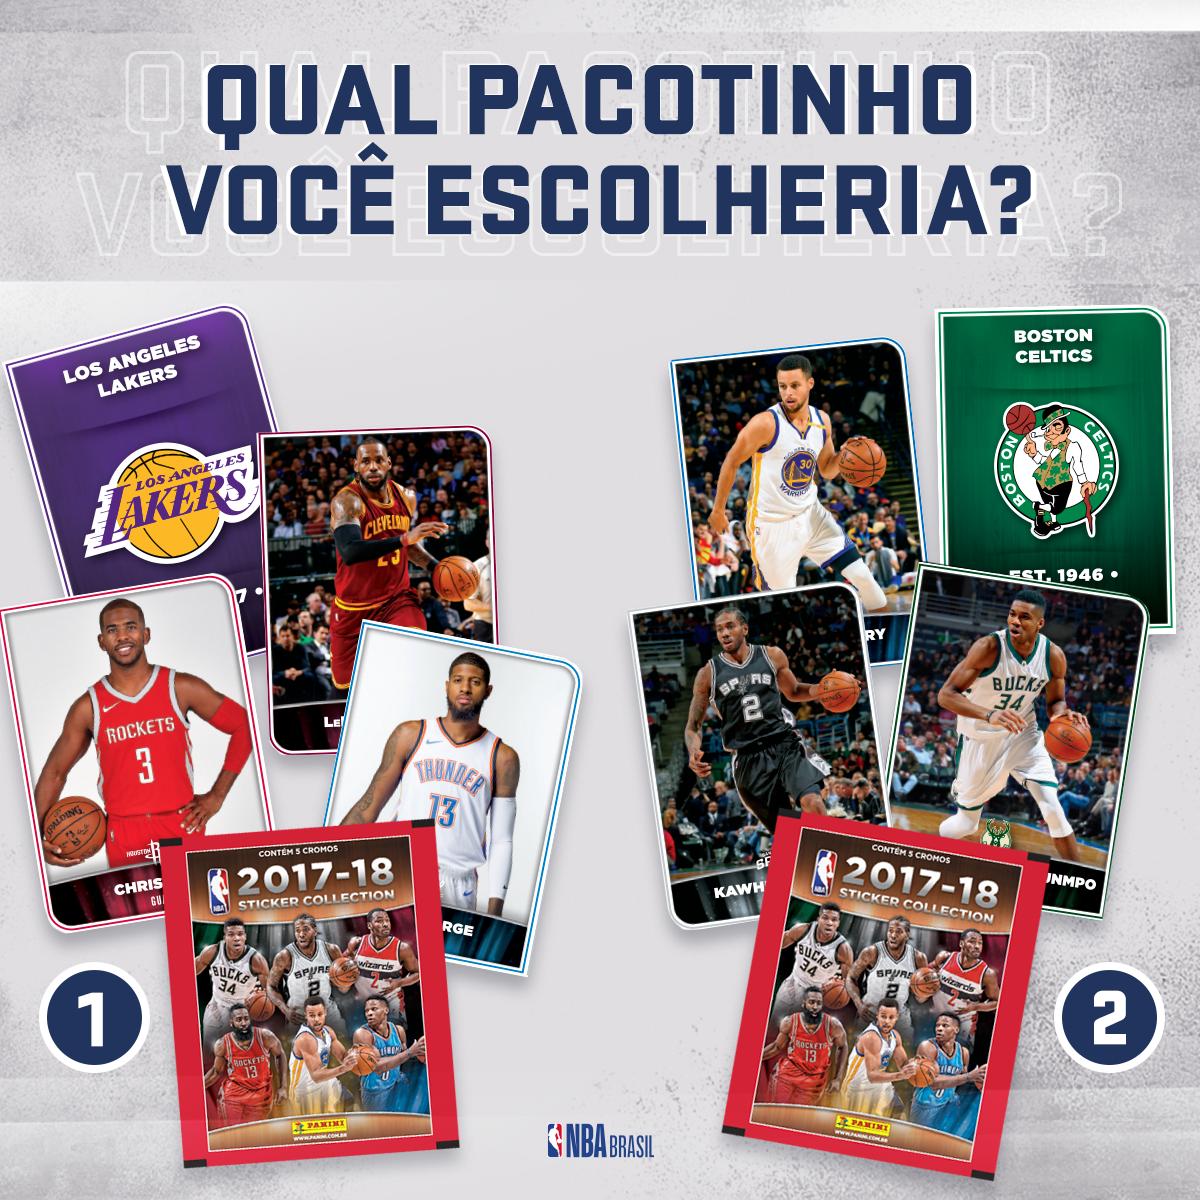 Só no álbum NBA Panini você encontra figurinhas iradas da maior liga de basquete do mundo! Entre o pacotinho 1 e o 2, qual você escolheria? Adquira o seu álbum nas bancas de todo o Brasil, nas NBA Stores e no site: https://t.co/1fLY33eism l @TorcidaPanini